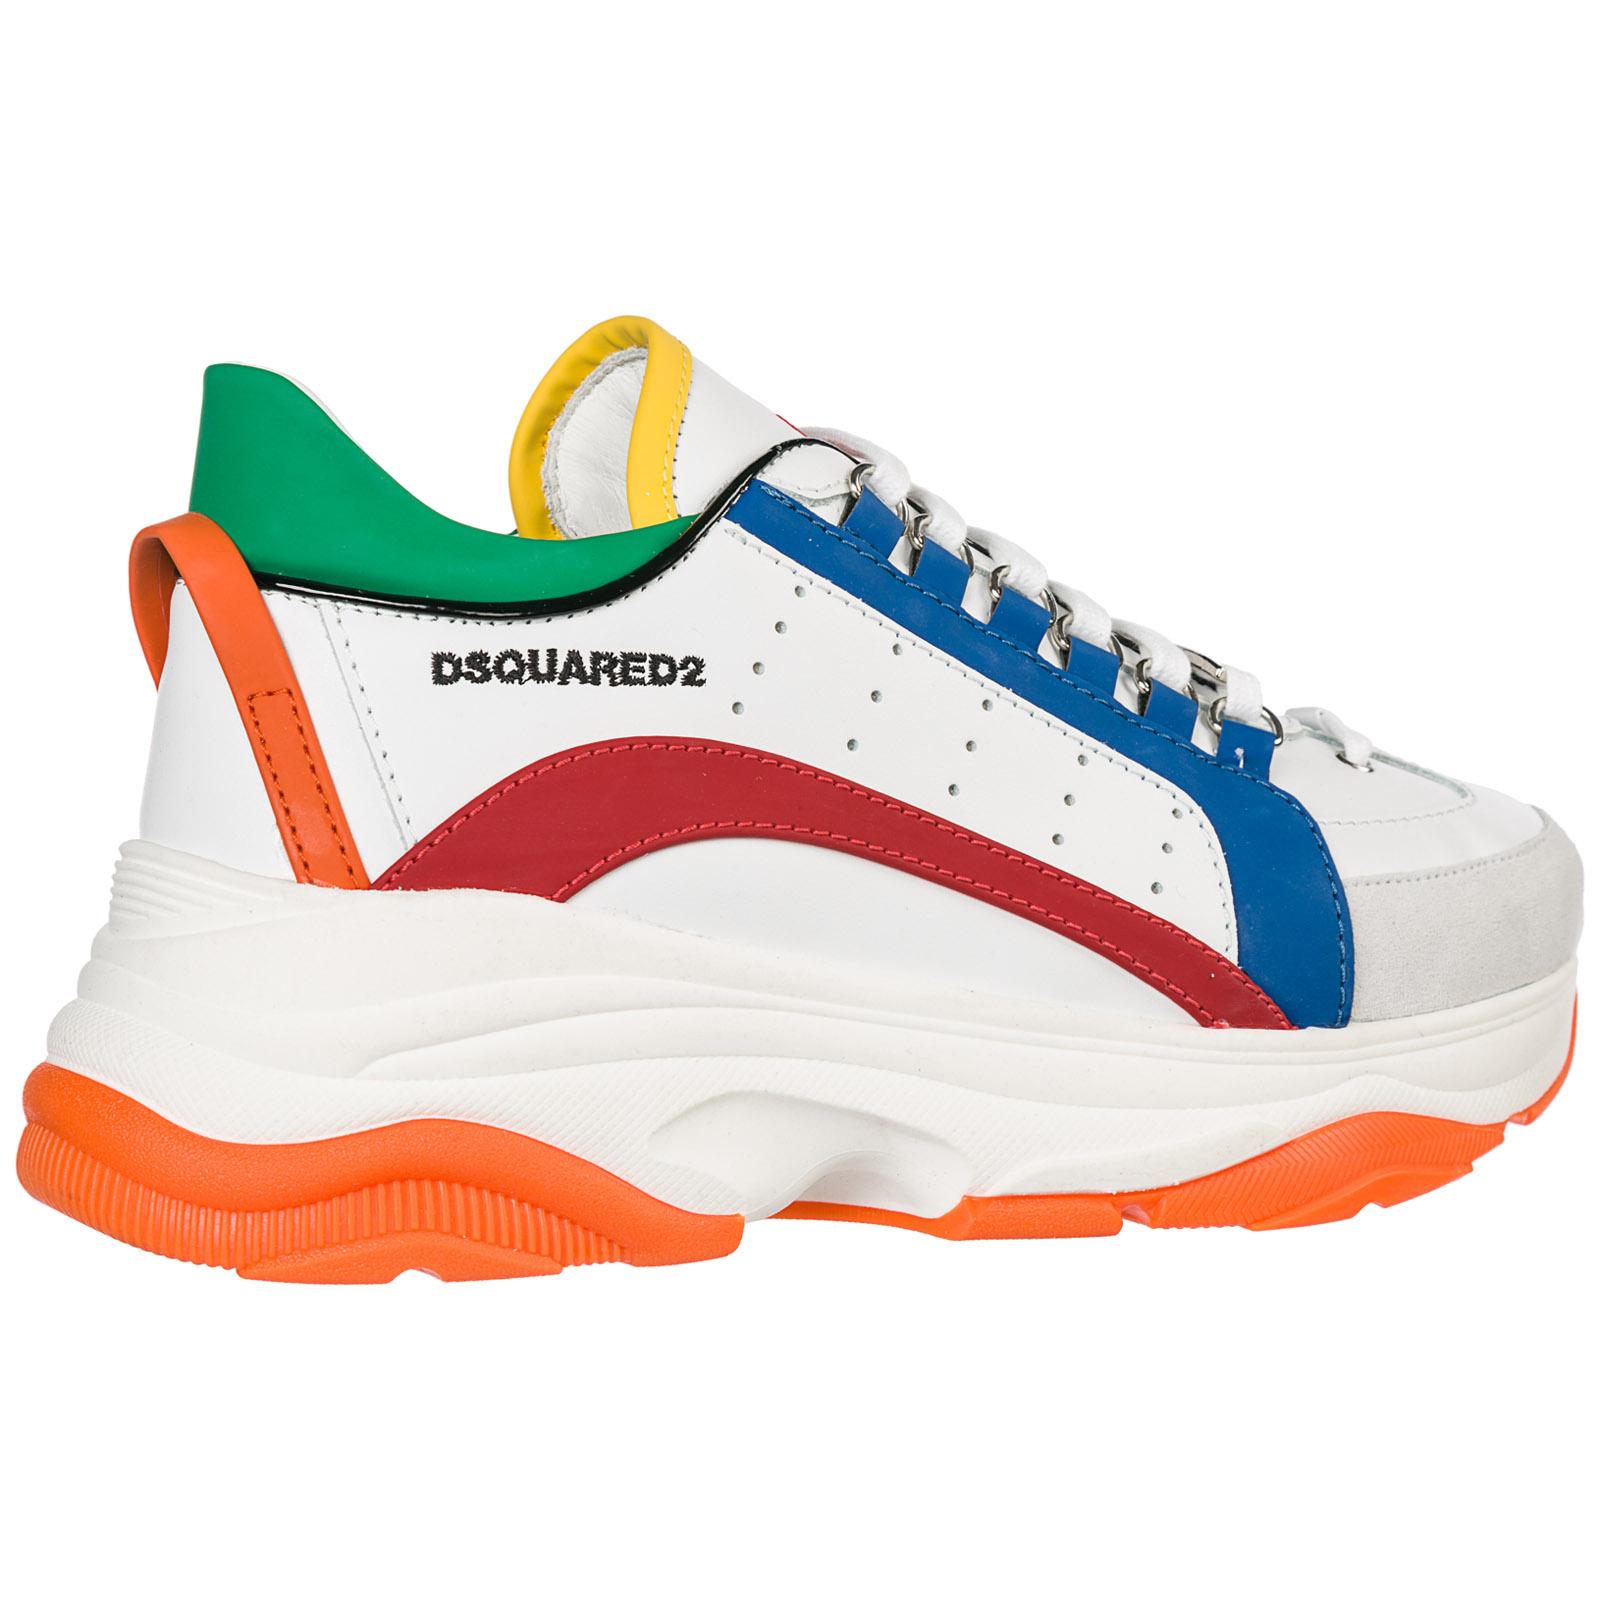 99963be45d Scarpe sneakers uomo in pelle bumpy 551